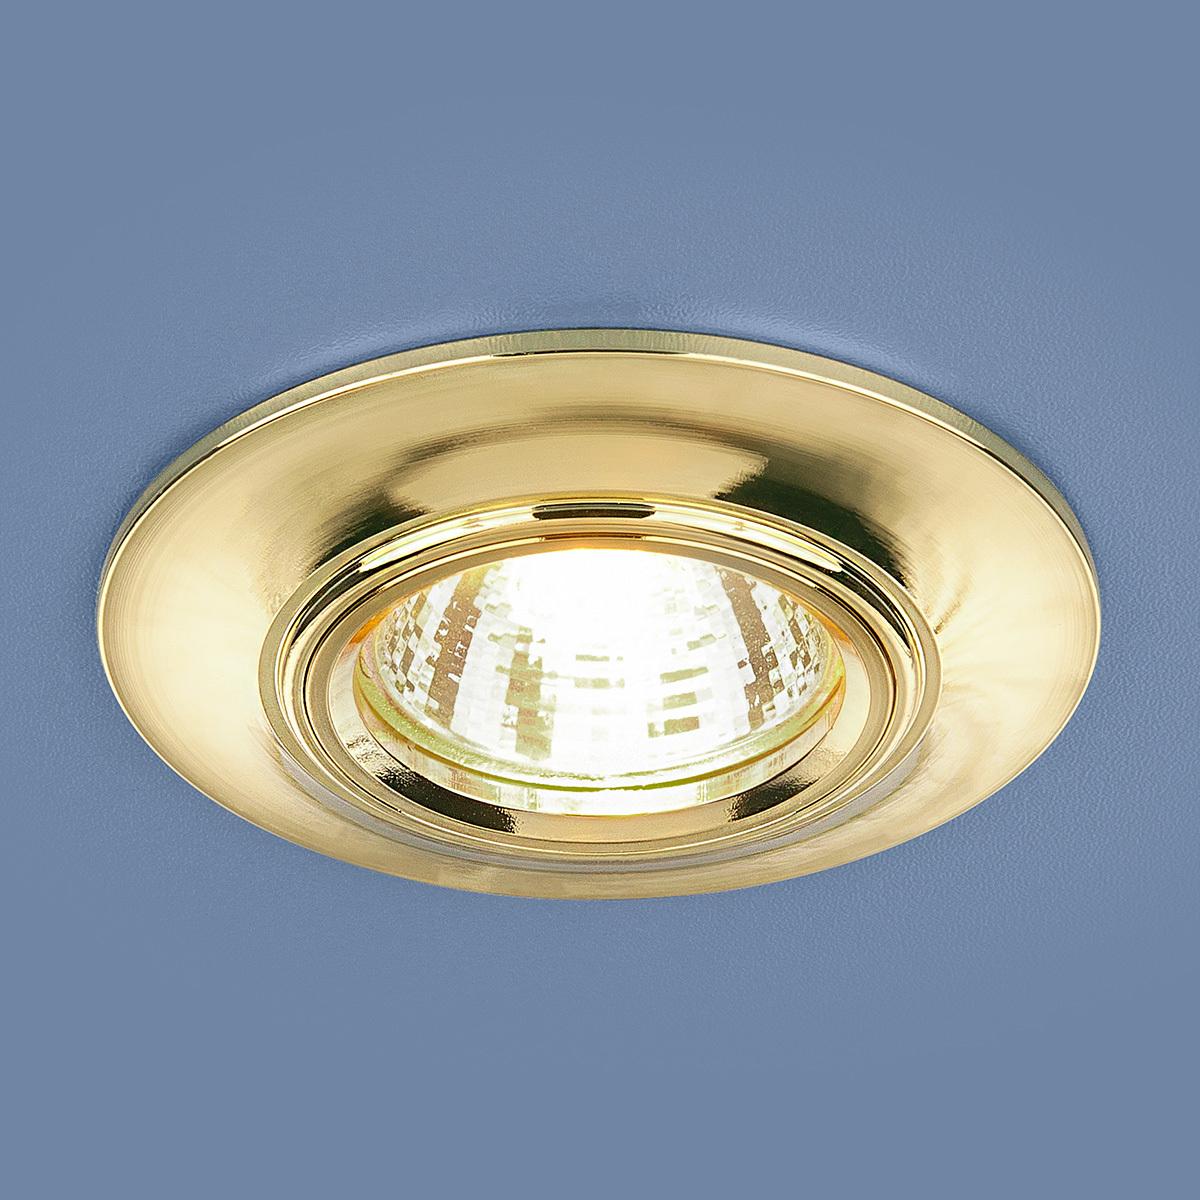 Встраиваемый светильник Elektrostandard Точечный 7007 MR16 GD, G5.3 светильник встраиваемый escada milano gu5 3 001 gd